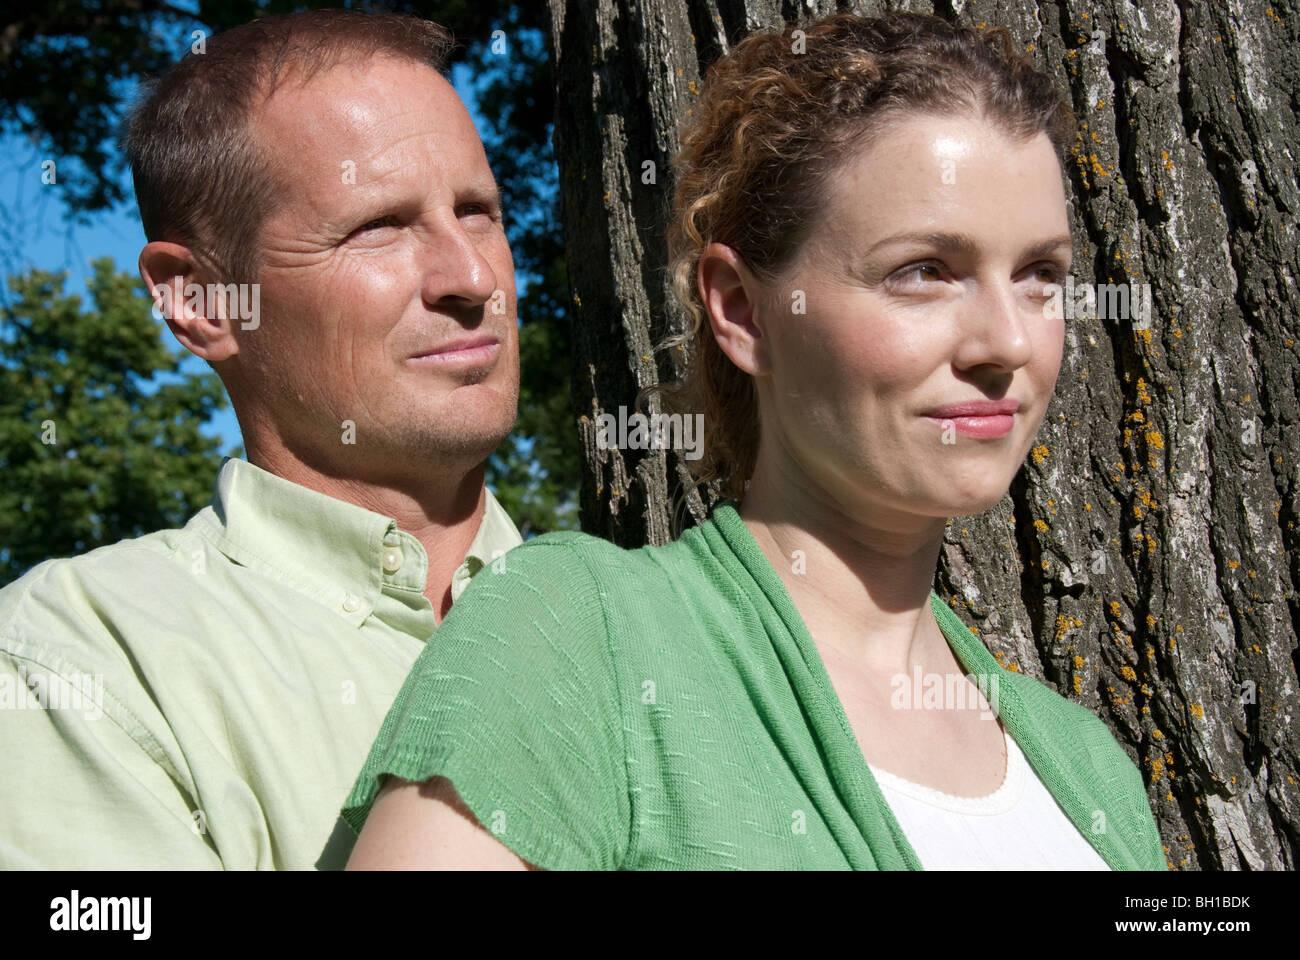 Retrato de pareja en sus 40s junto al árbol, Assiniboine Park, Winnipeg, Manitoba, Canadá Imagen De Stock